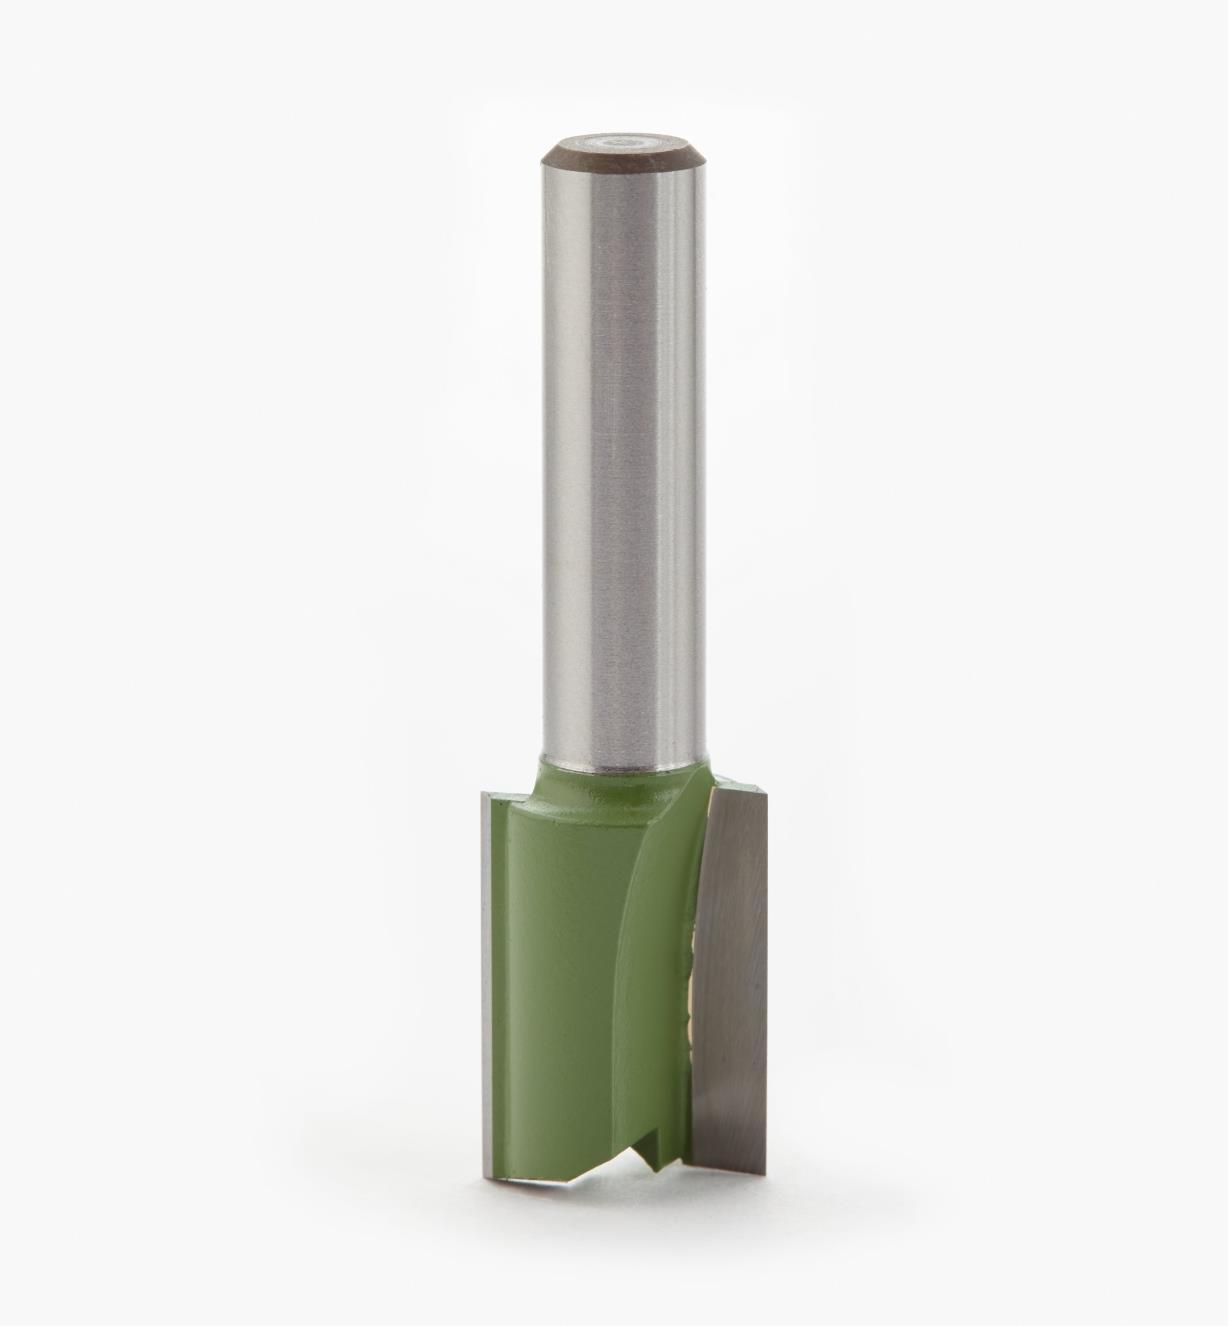 18J0514 - Mèche droite, 14mm x 3/4po x 8mm